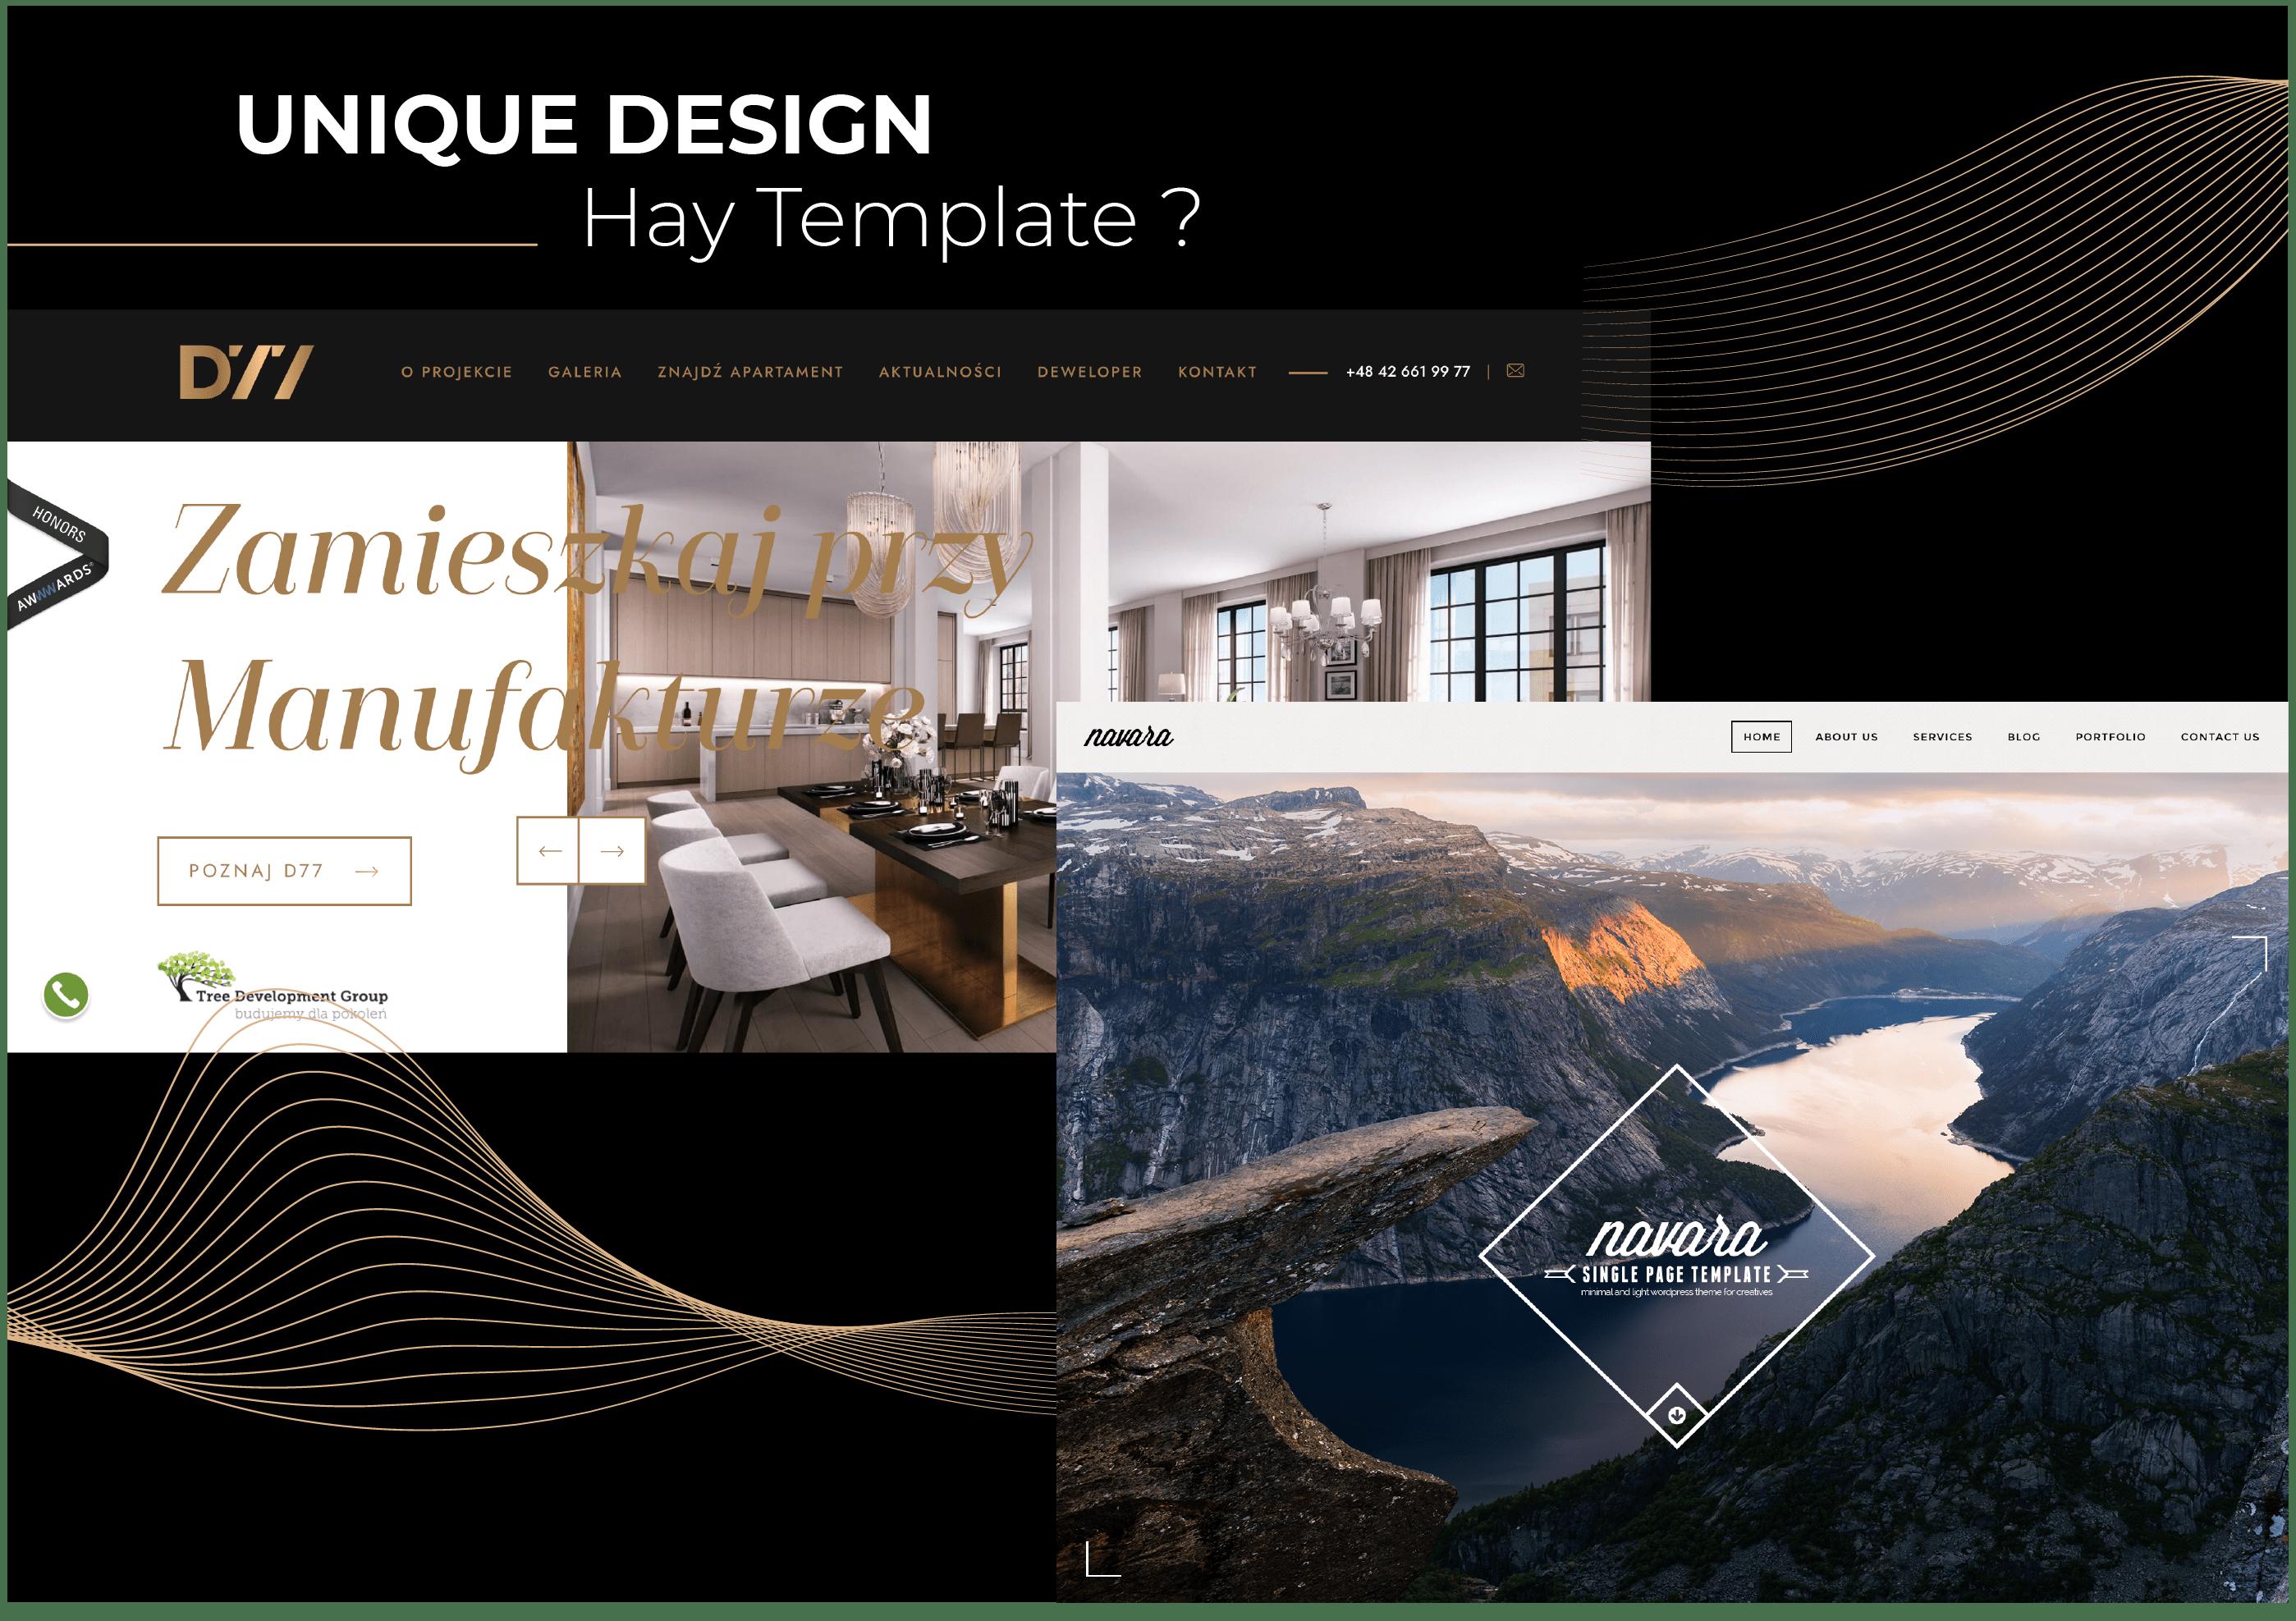 Thiết kế giao diện web nên sử dụng template hay tự thiết kế?